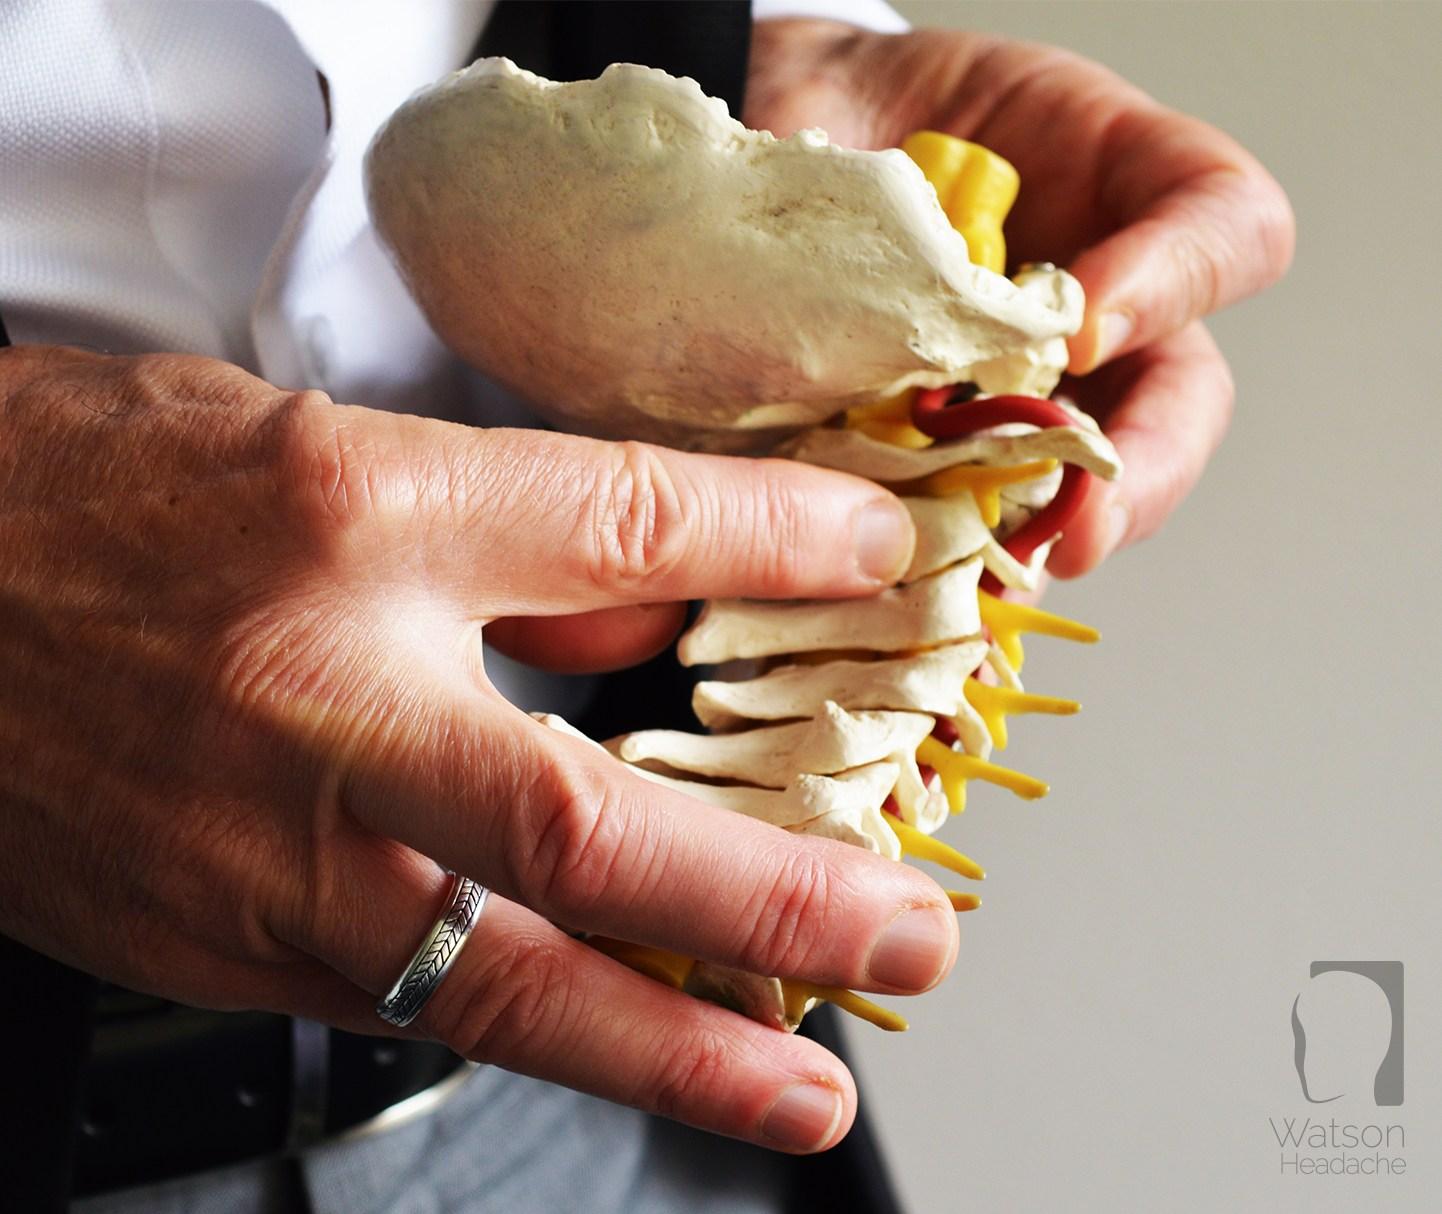 Dean Watson Headache Technique